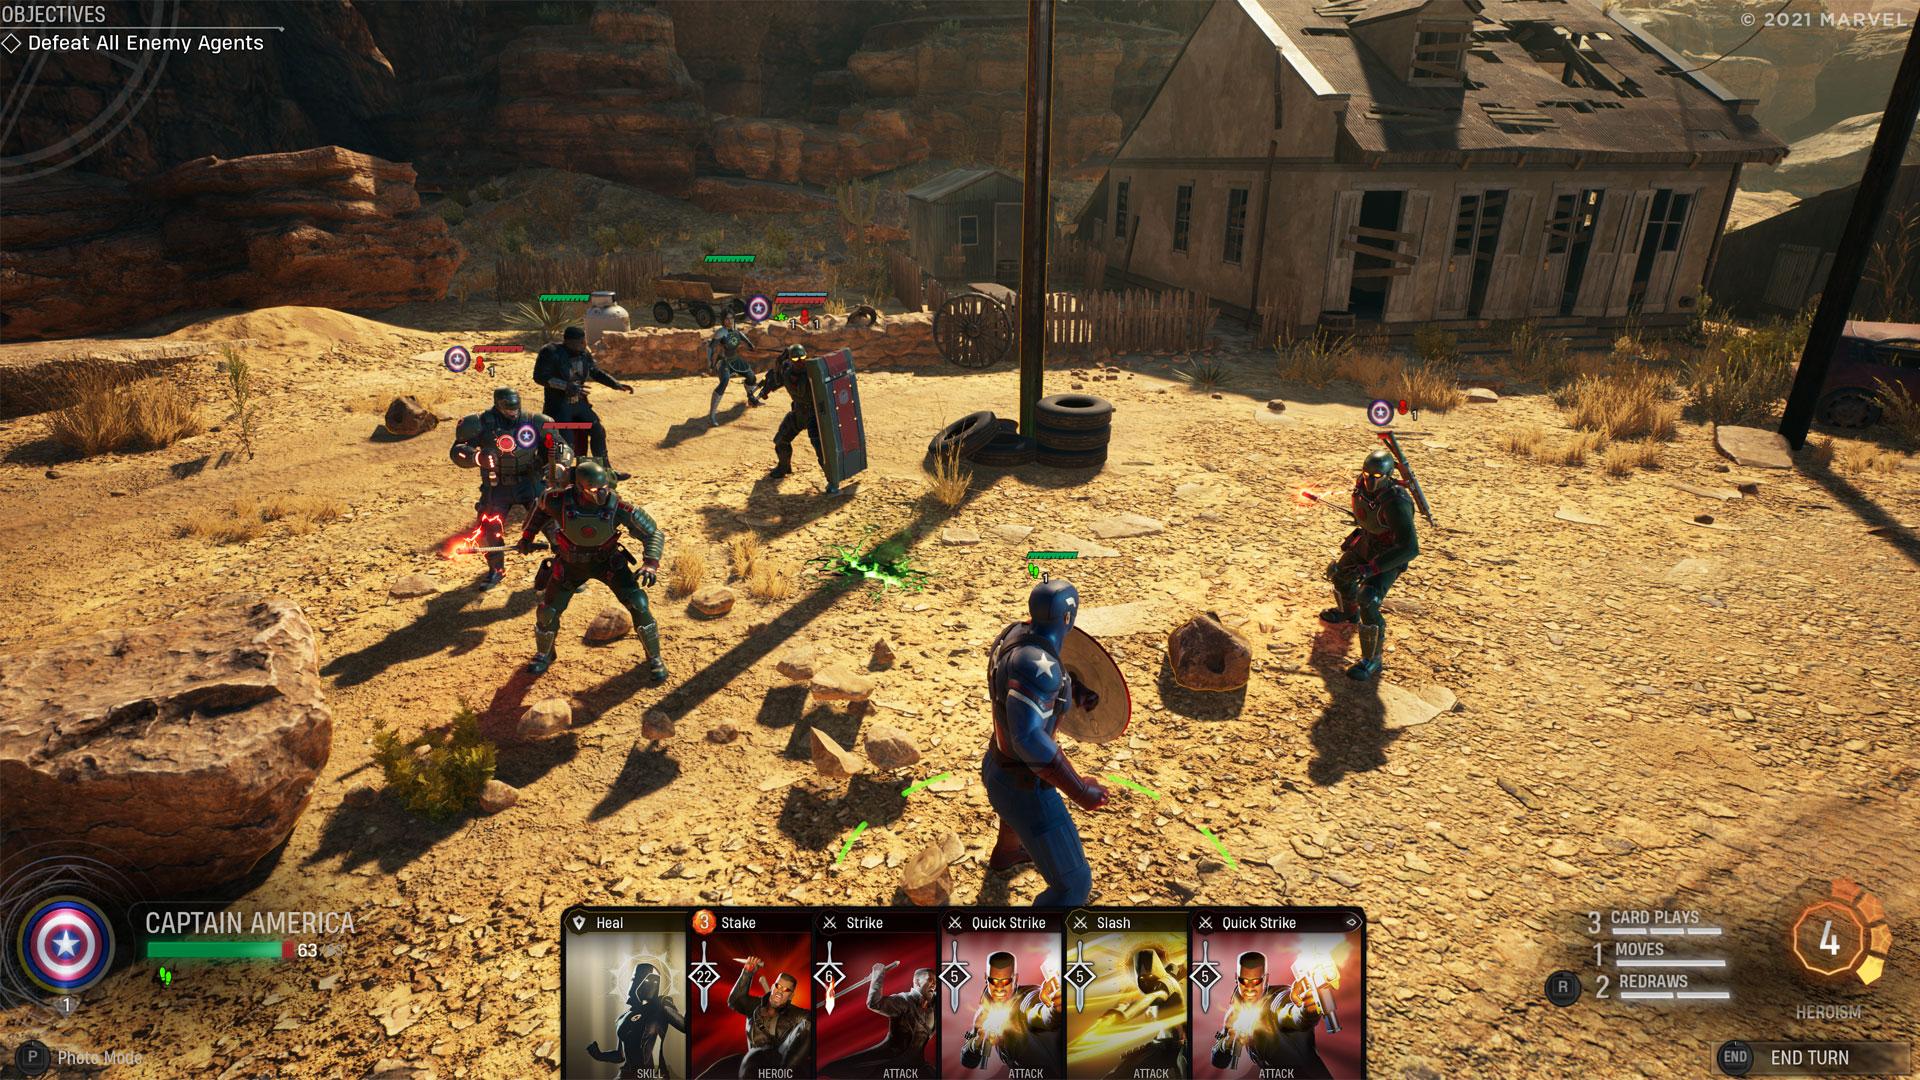 Ein Kampf im Spiel Marvel's Midnight Suns